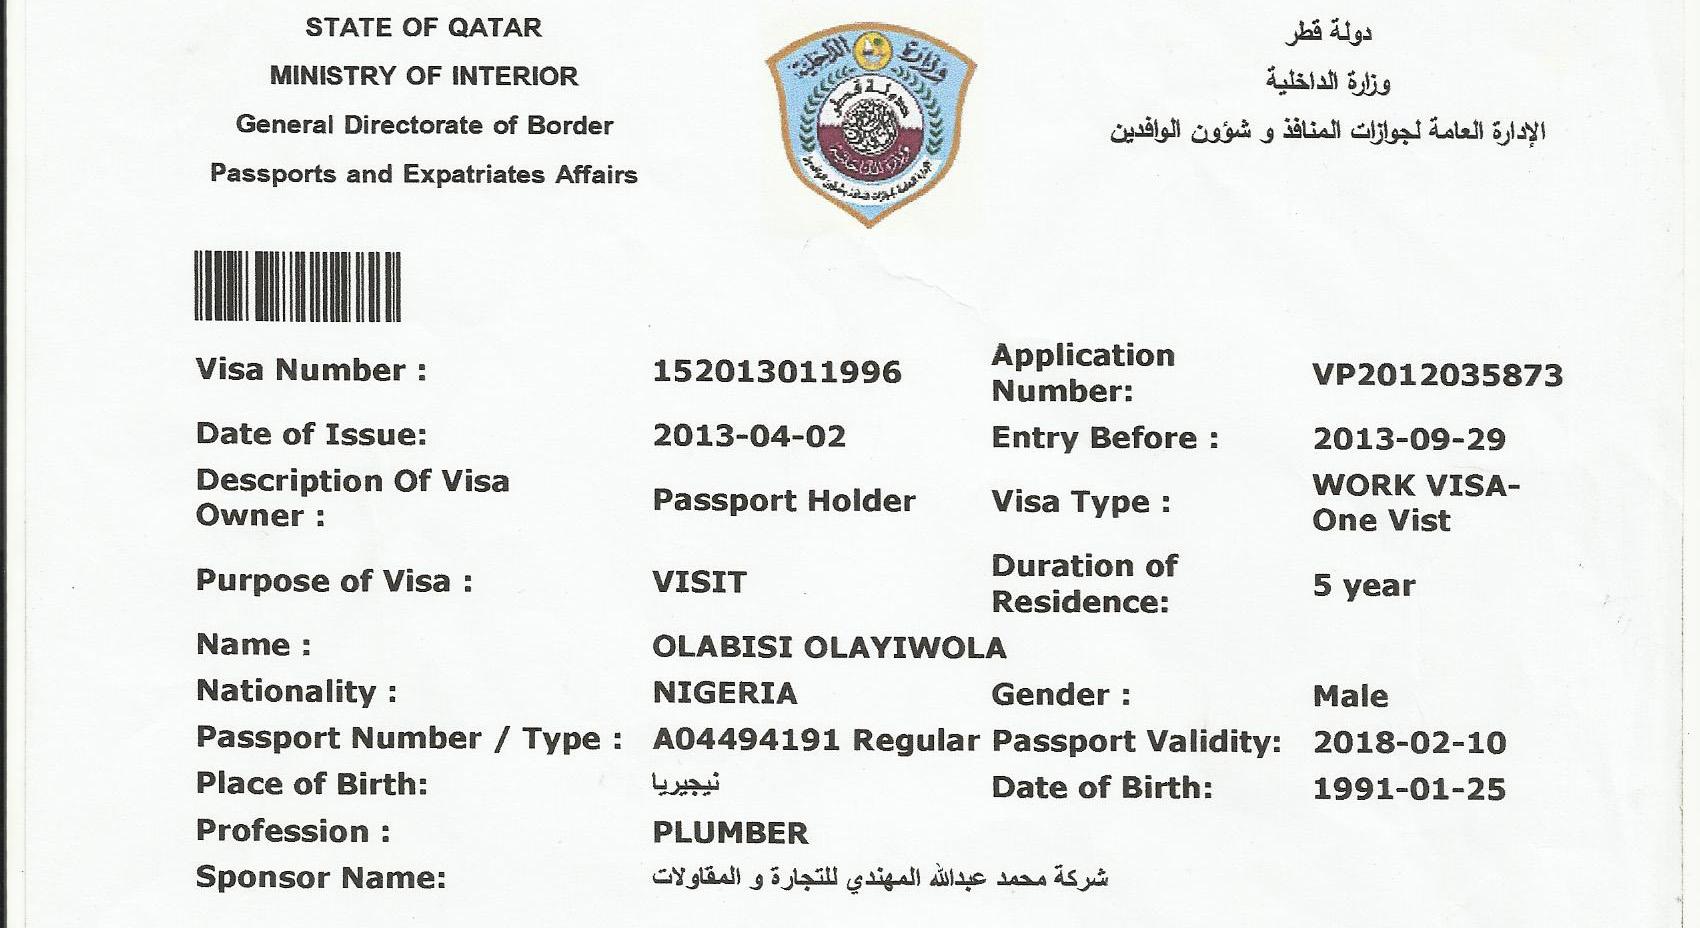 Фото визы в Катар